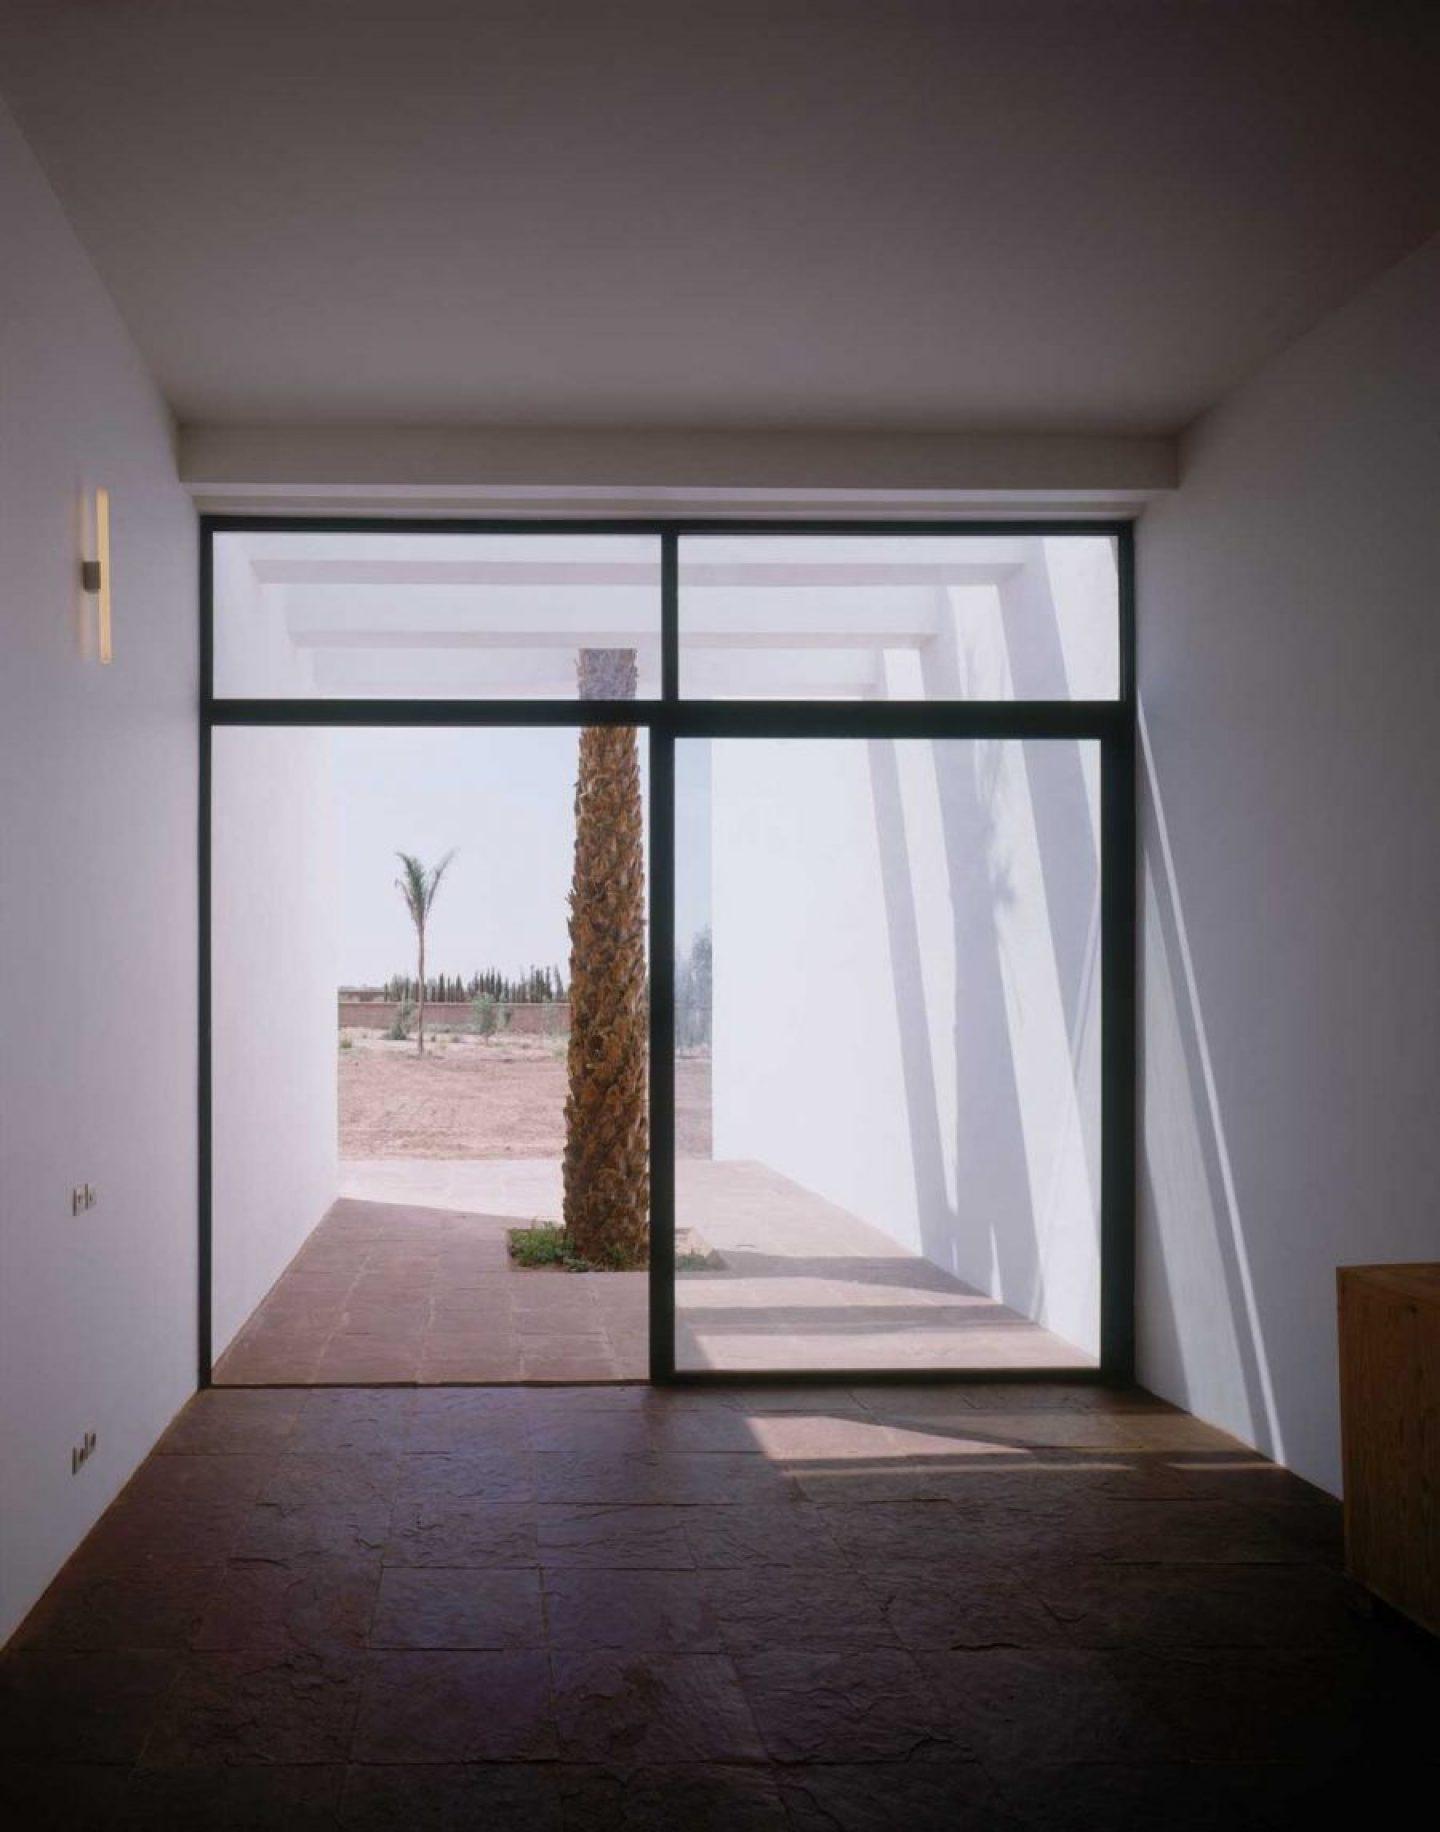 ignant-architecture-guilhem-eustache-fobe-house-06